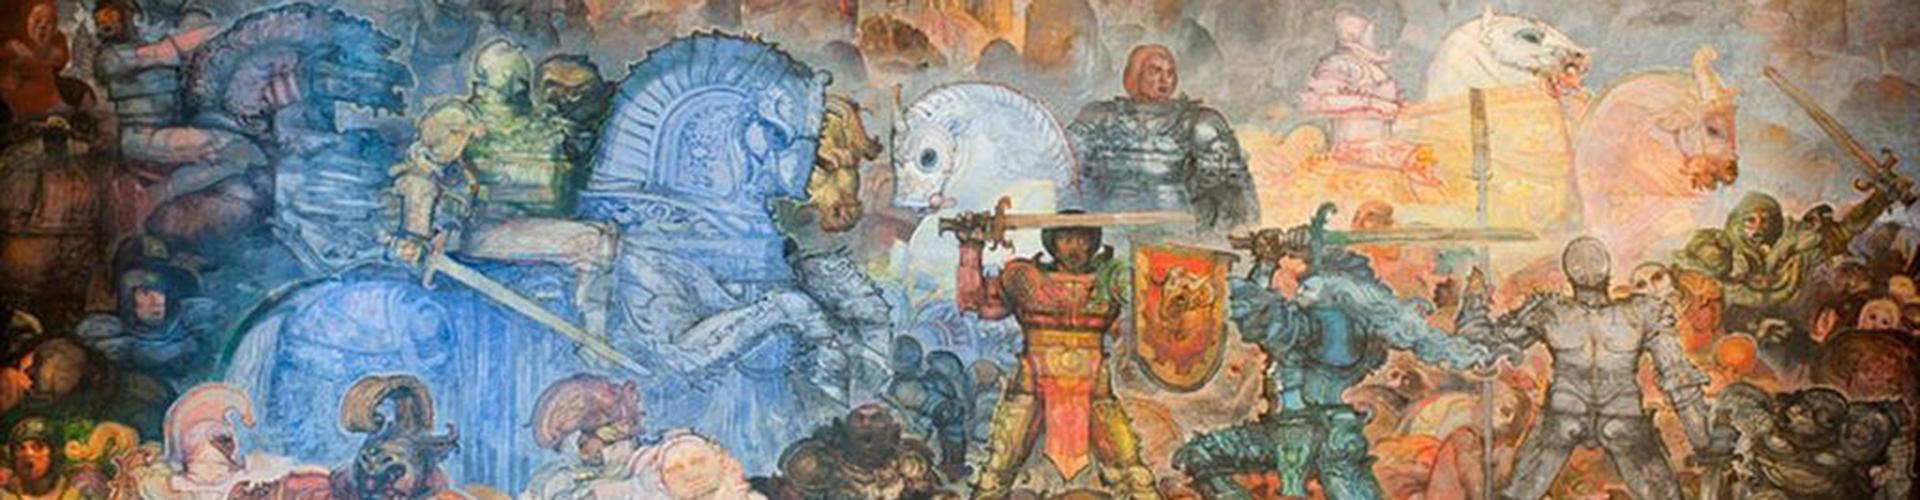 Fortebraccio, mural